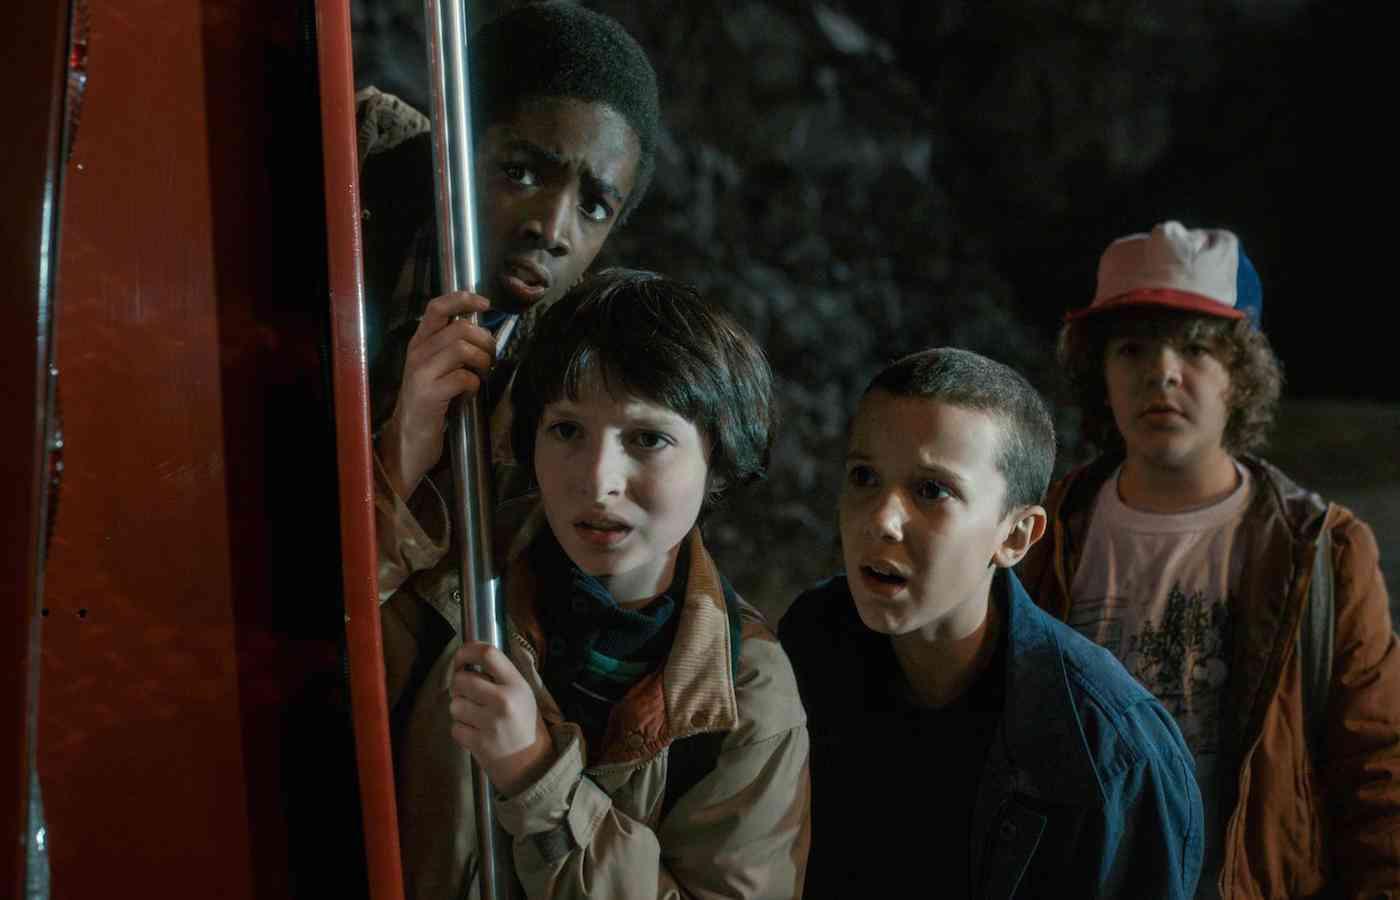 Netflixドラマ『ストレンジャー・シングス』と80年代ネタ元映画との比較映像が公開!